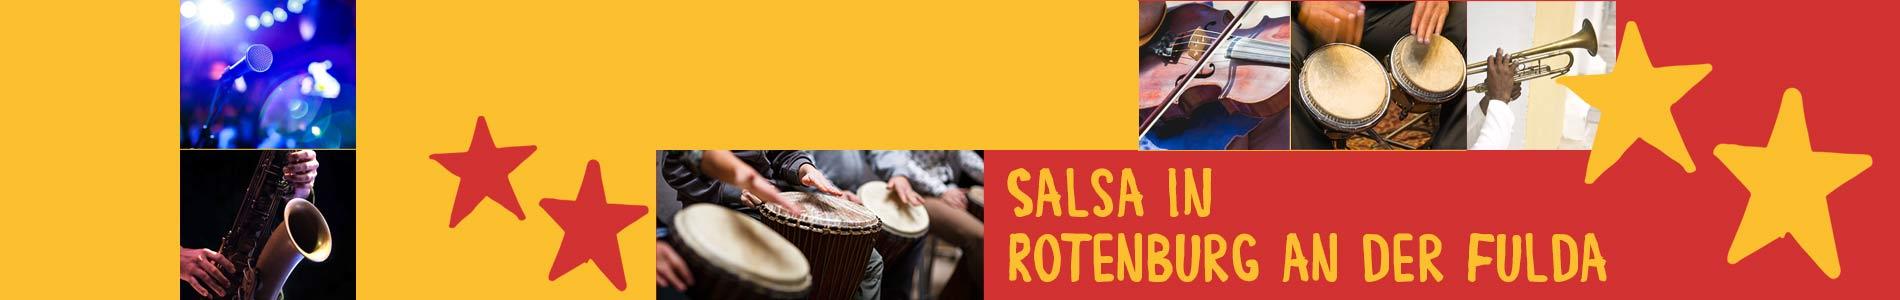 Salsa in Fulda – Salsa lernen und tanzen, Tanzkurse, Partys, Veranstaltungen